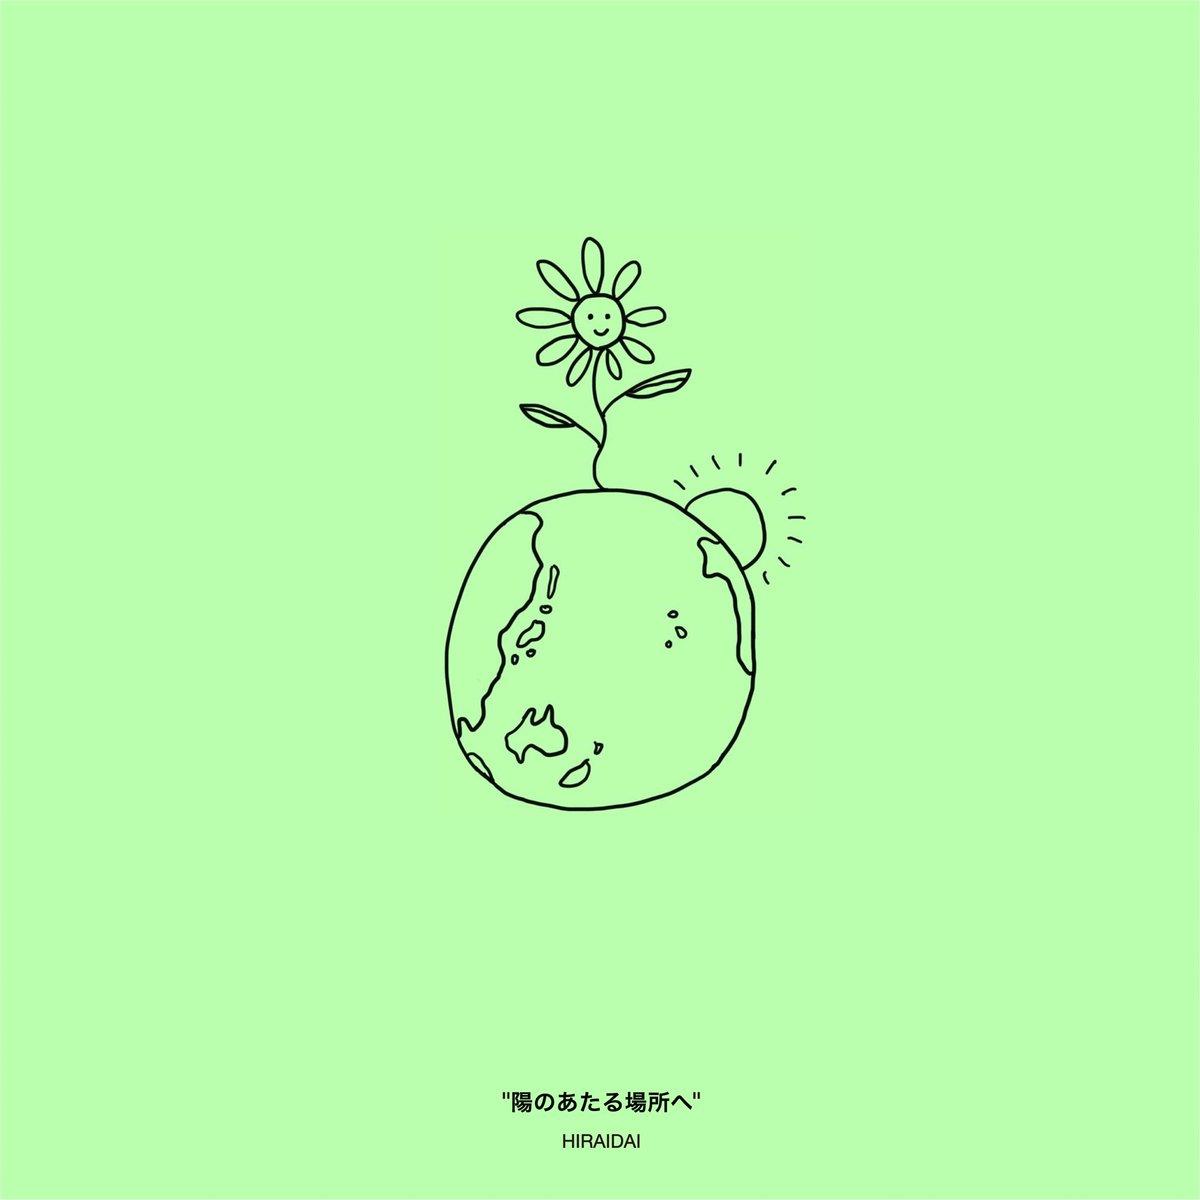 平井大 - 陽のあたる場所へ [2020.07.29+MP3+RAR]